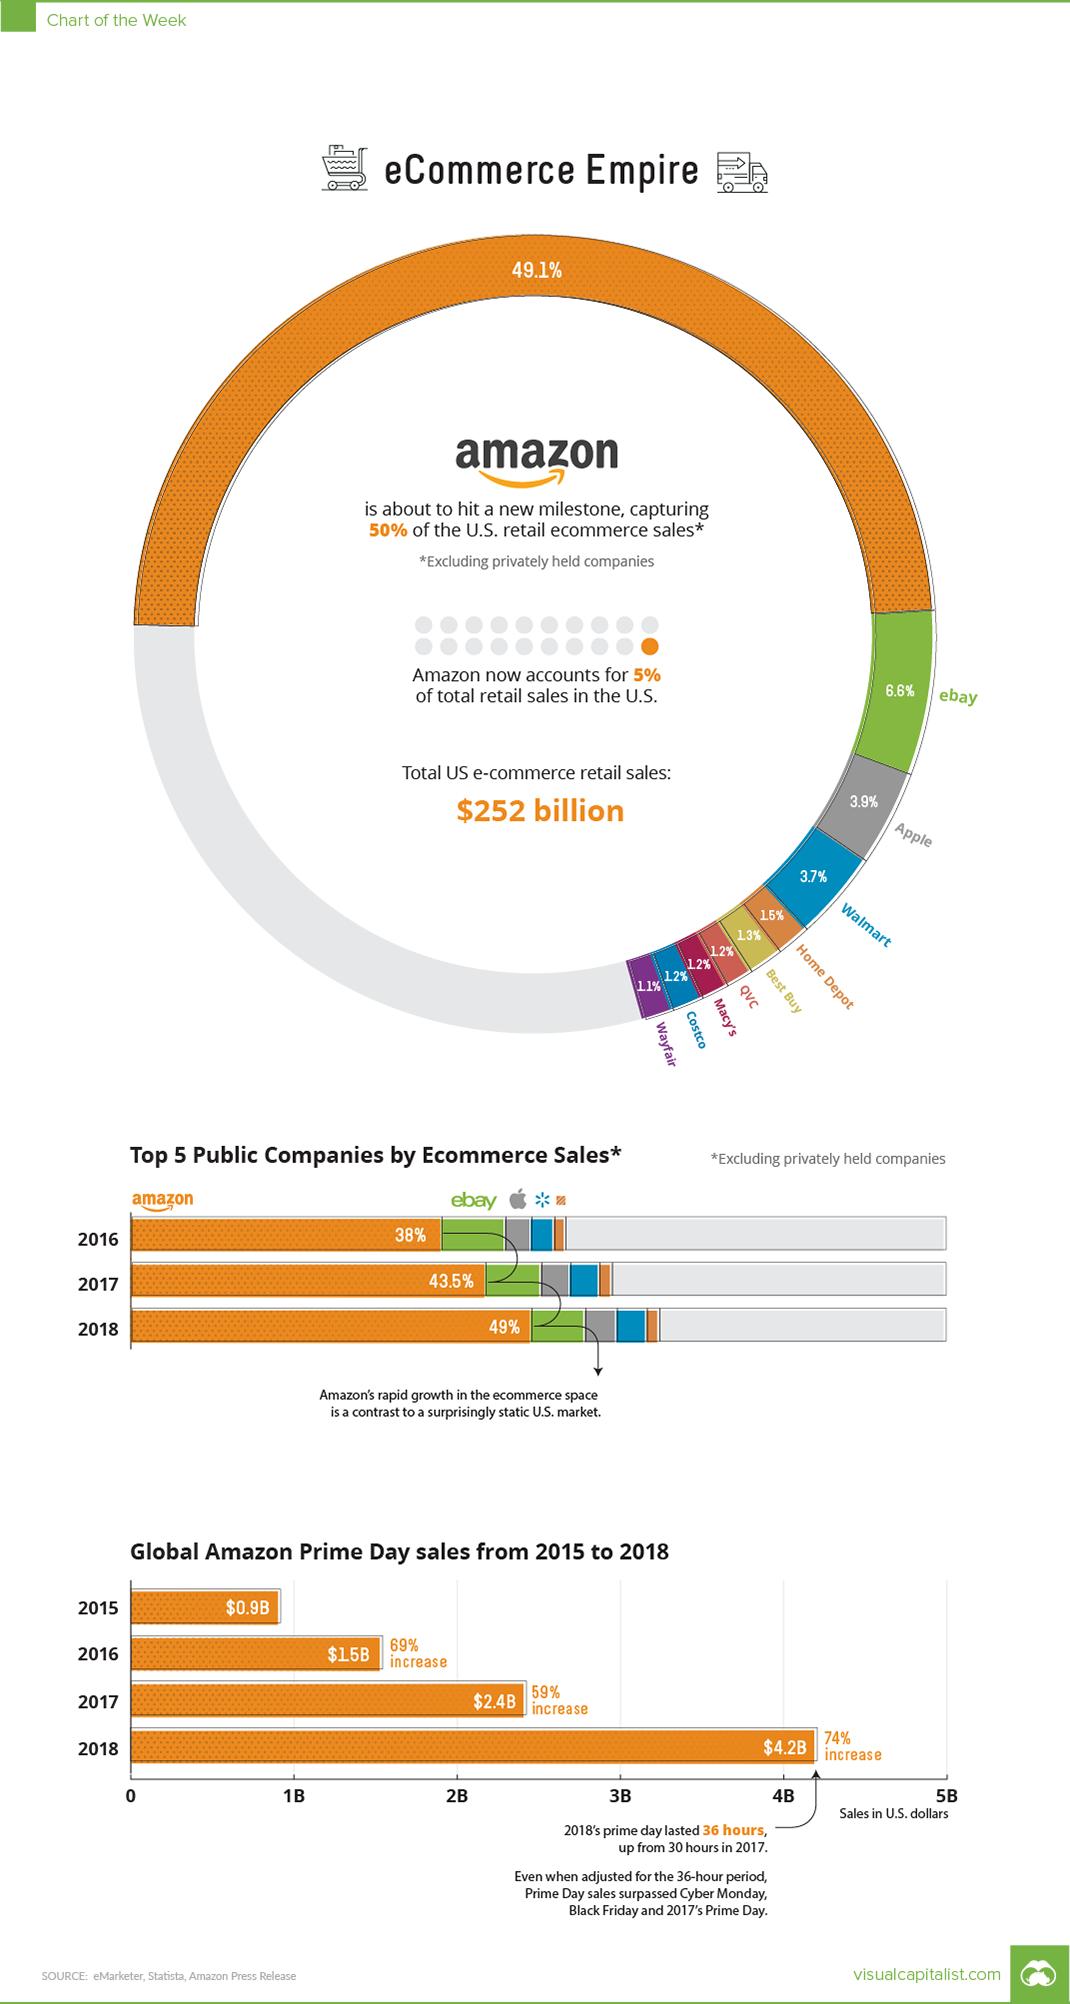 Amazon's Dominance In Ecommerce